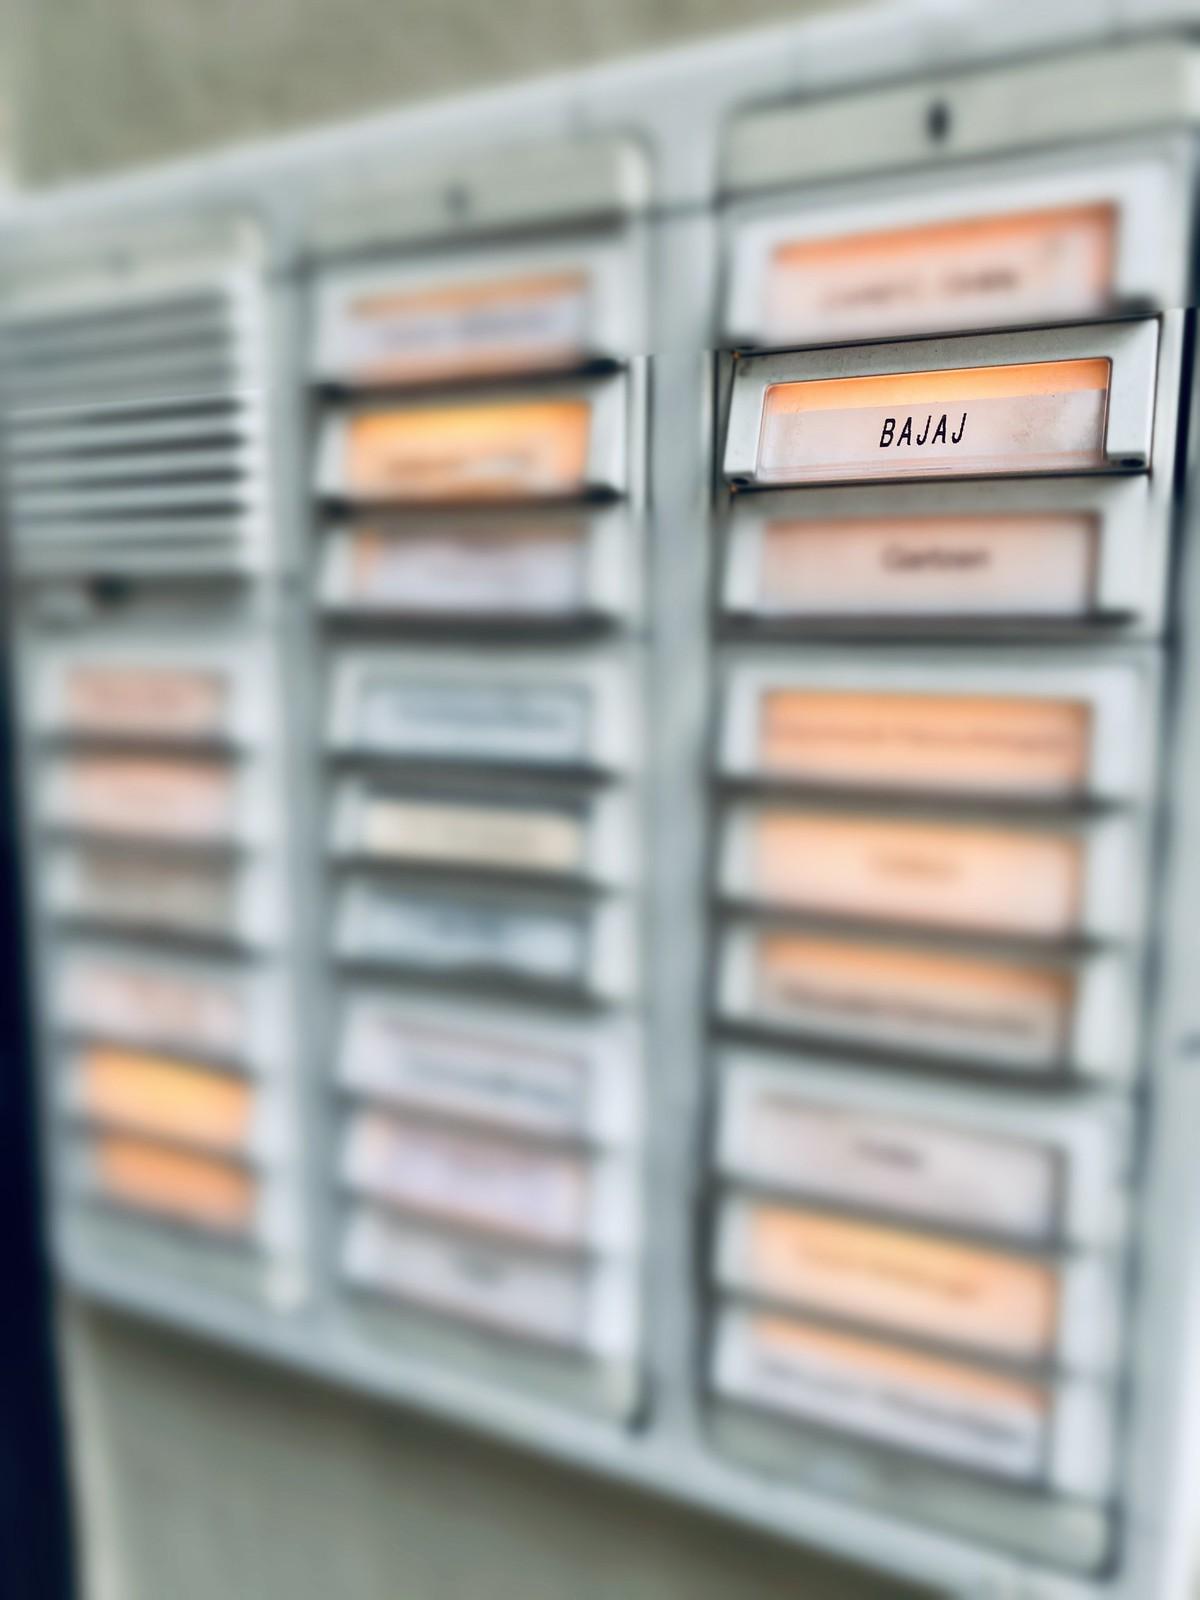 Names on doorbells